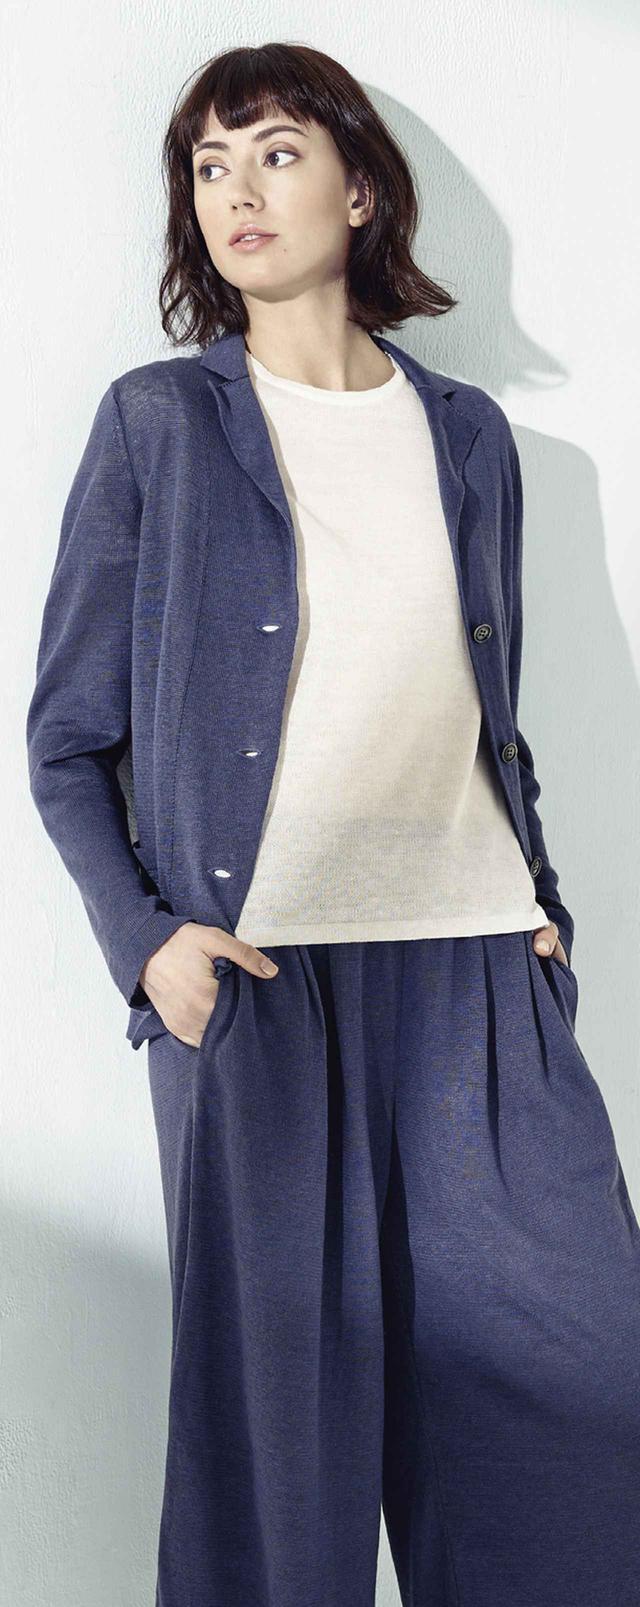 画像1: まるでシルクロードのような服!? いま一番お薦めしたい日本ブランド「ビアセリカ」 ニットの最高のエキスパートが集合